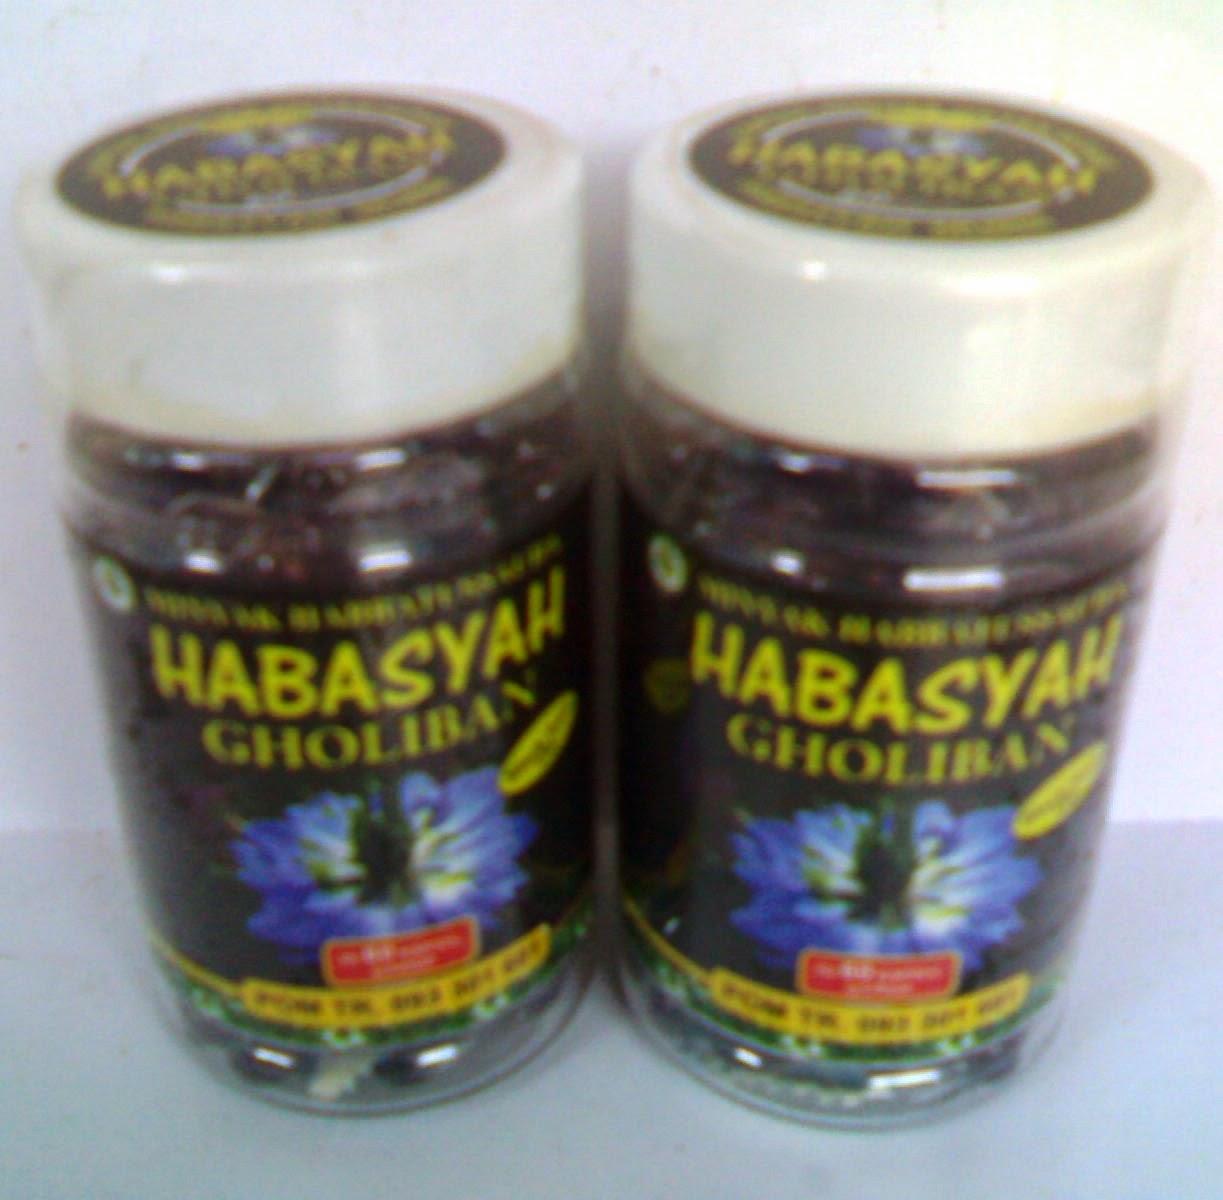 Minyak Habasyah Gholiban 60 Kapsul Andiherbal.com